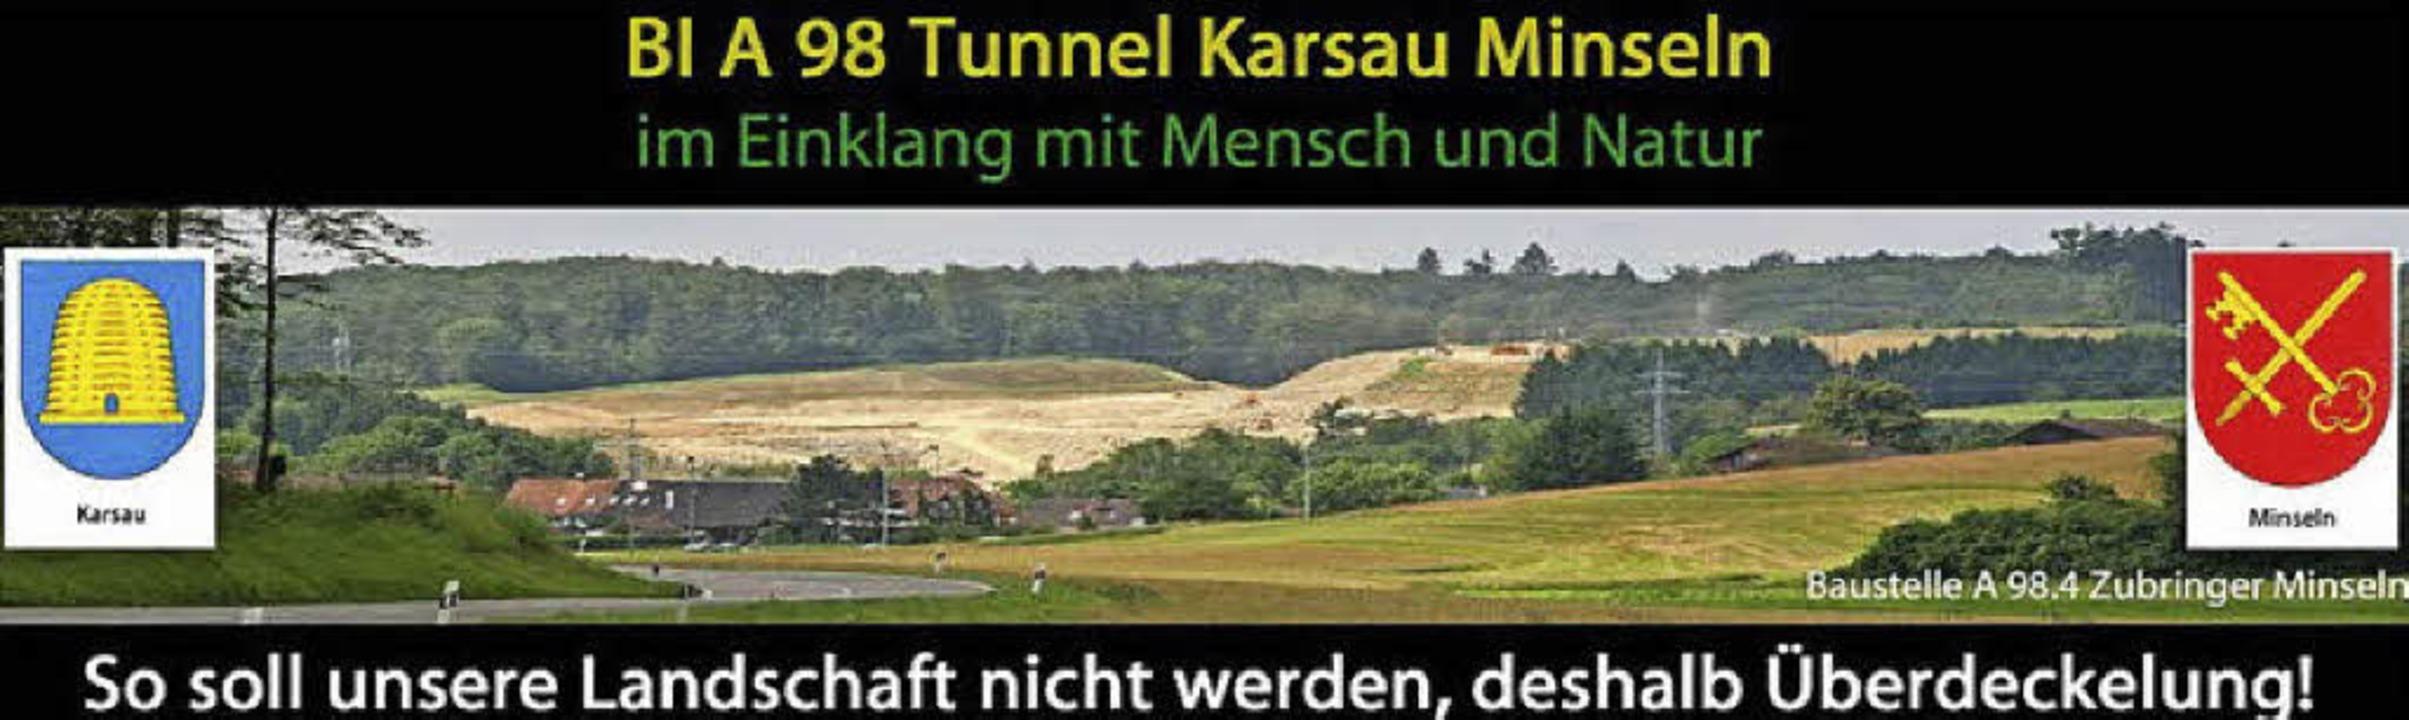 Die Bürgerinitiative bietet auf ihrer neuen Homepage Information und Austausch.   | Foto: Repro:BI A98 -Tunnel.